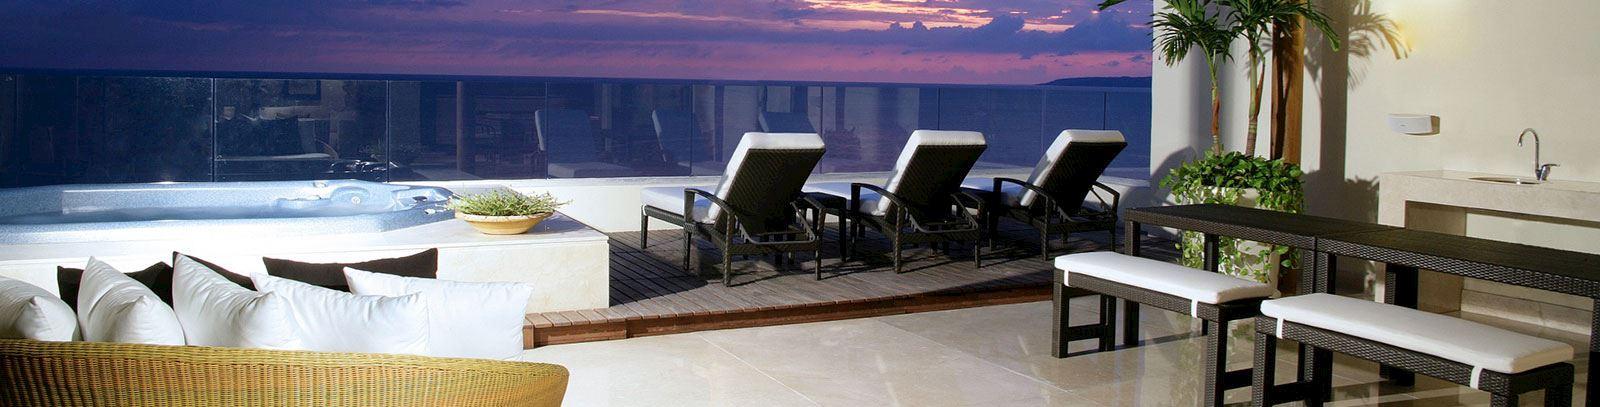 Suite Imperial Spa en Grand Velas Riviera Nayarit